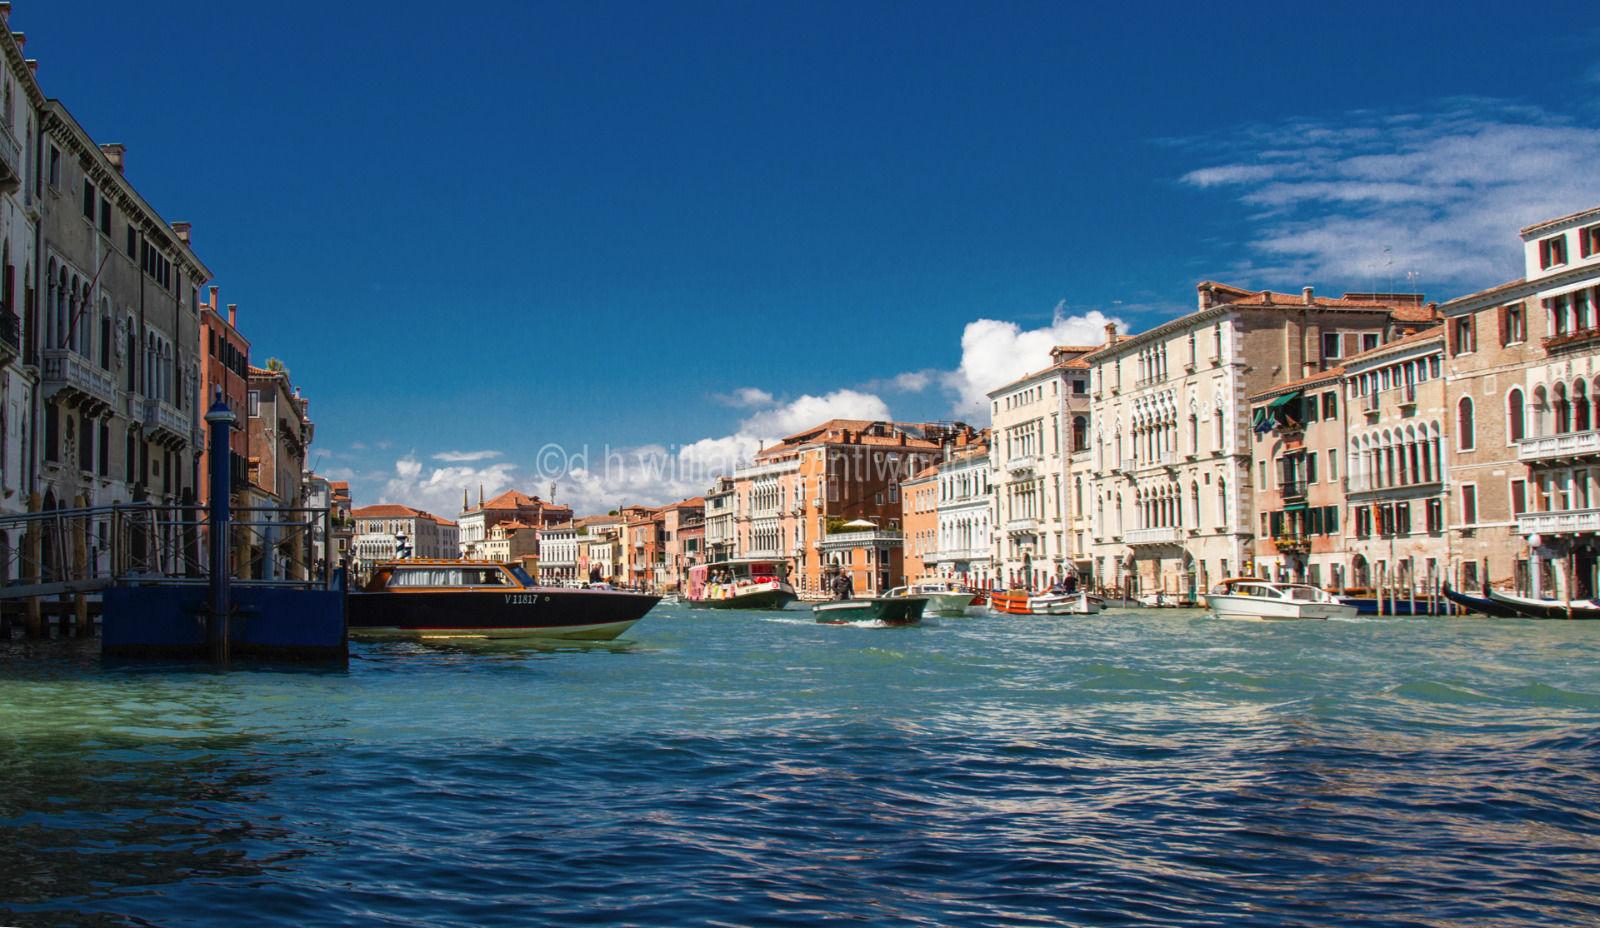 Venice Italy 2019 1539